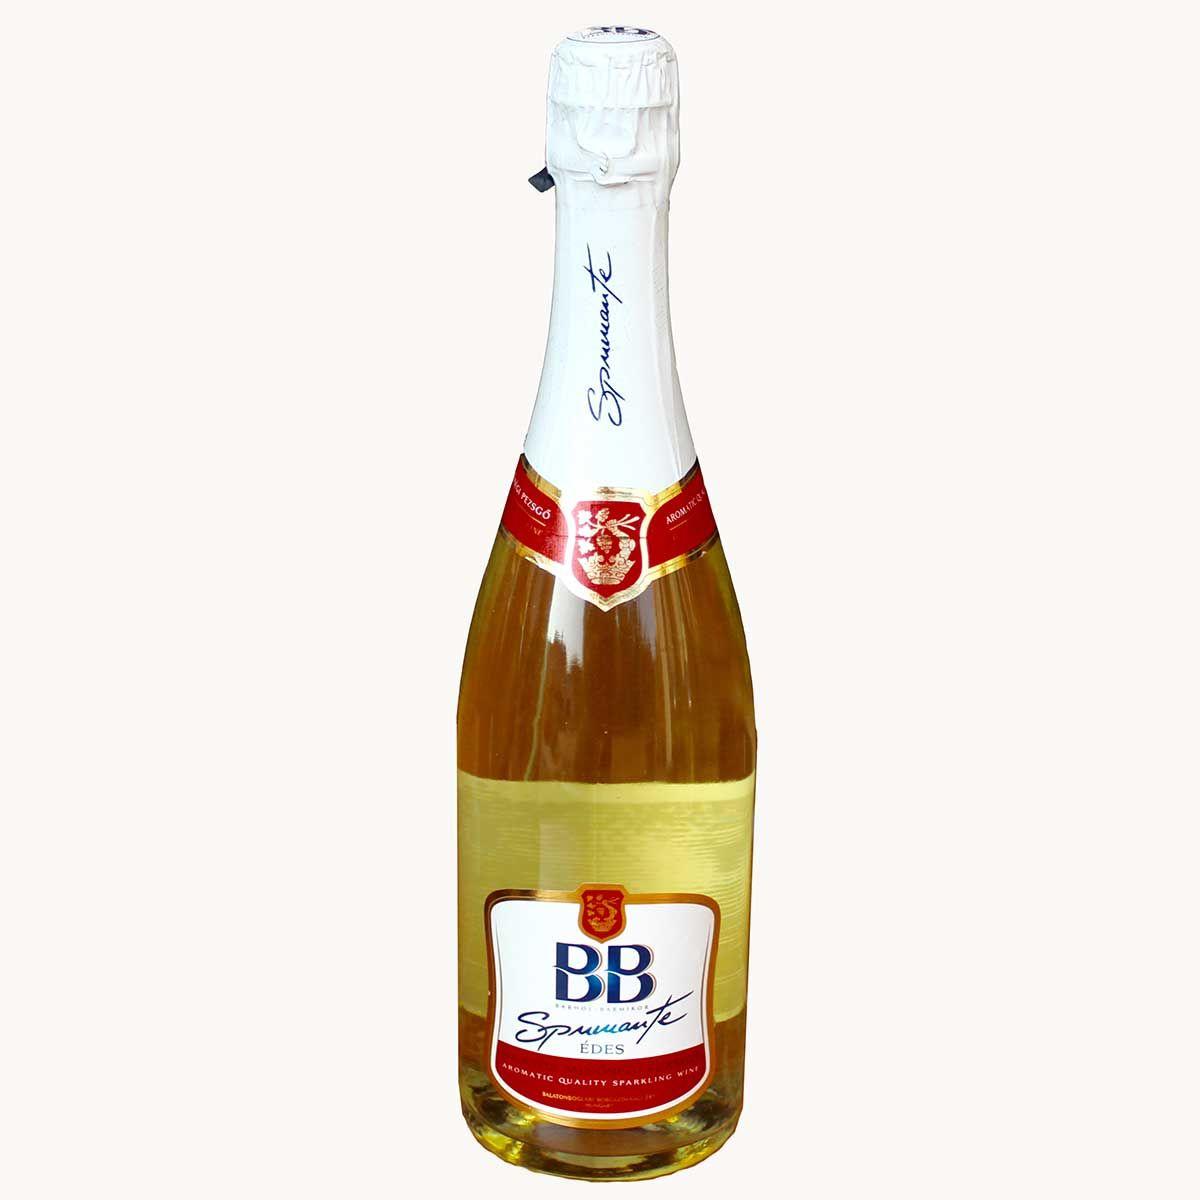 Spumante ist der Jüngste von BB Sekt mit fruchtigem Geschmack nach Muskat mit einer angehmen Säure. Alkoholgehalt 7 % Trinktemperatur 5 - 7 C